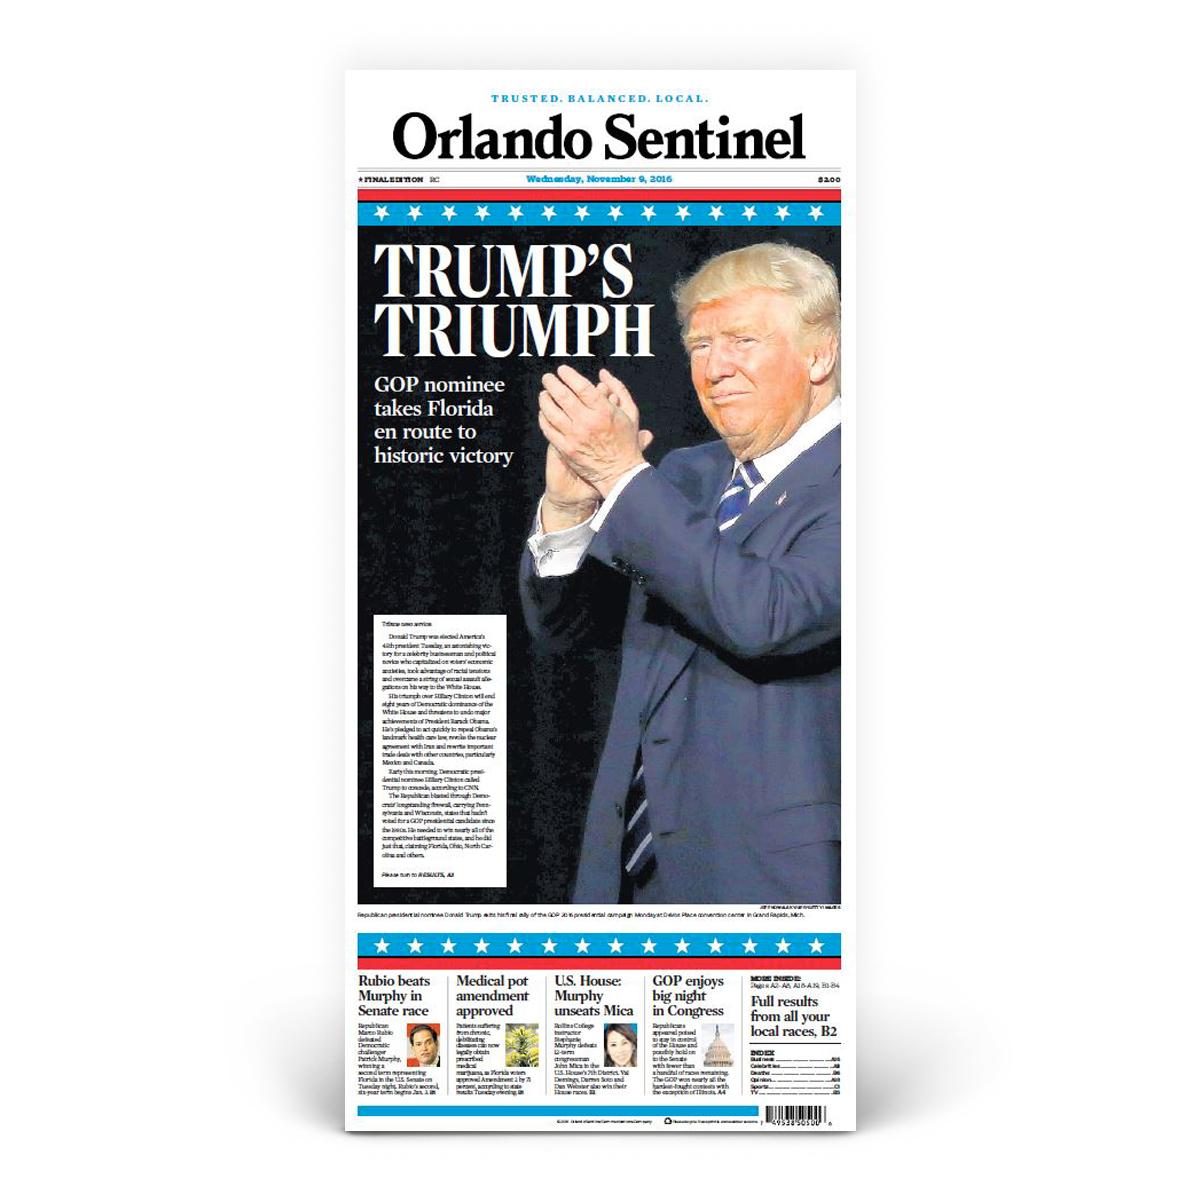 """Orlando Sentinel 11/9/2016 """"Trump's Triumph"""" Front Page Poster"""